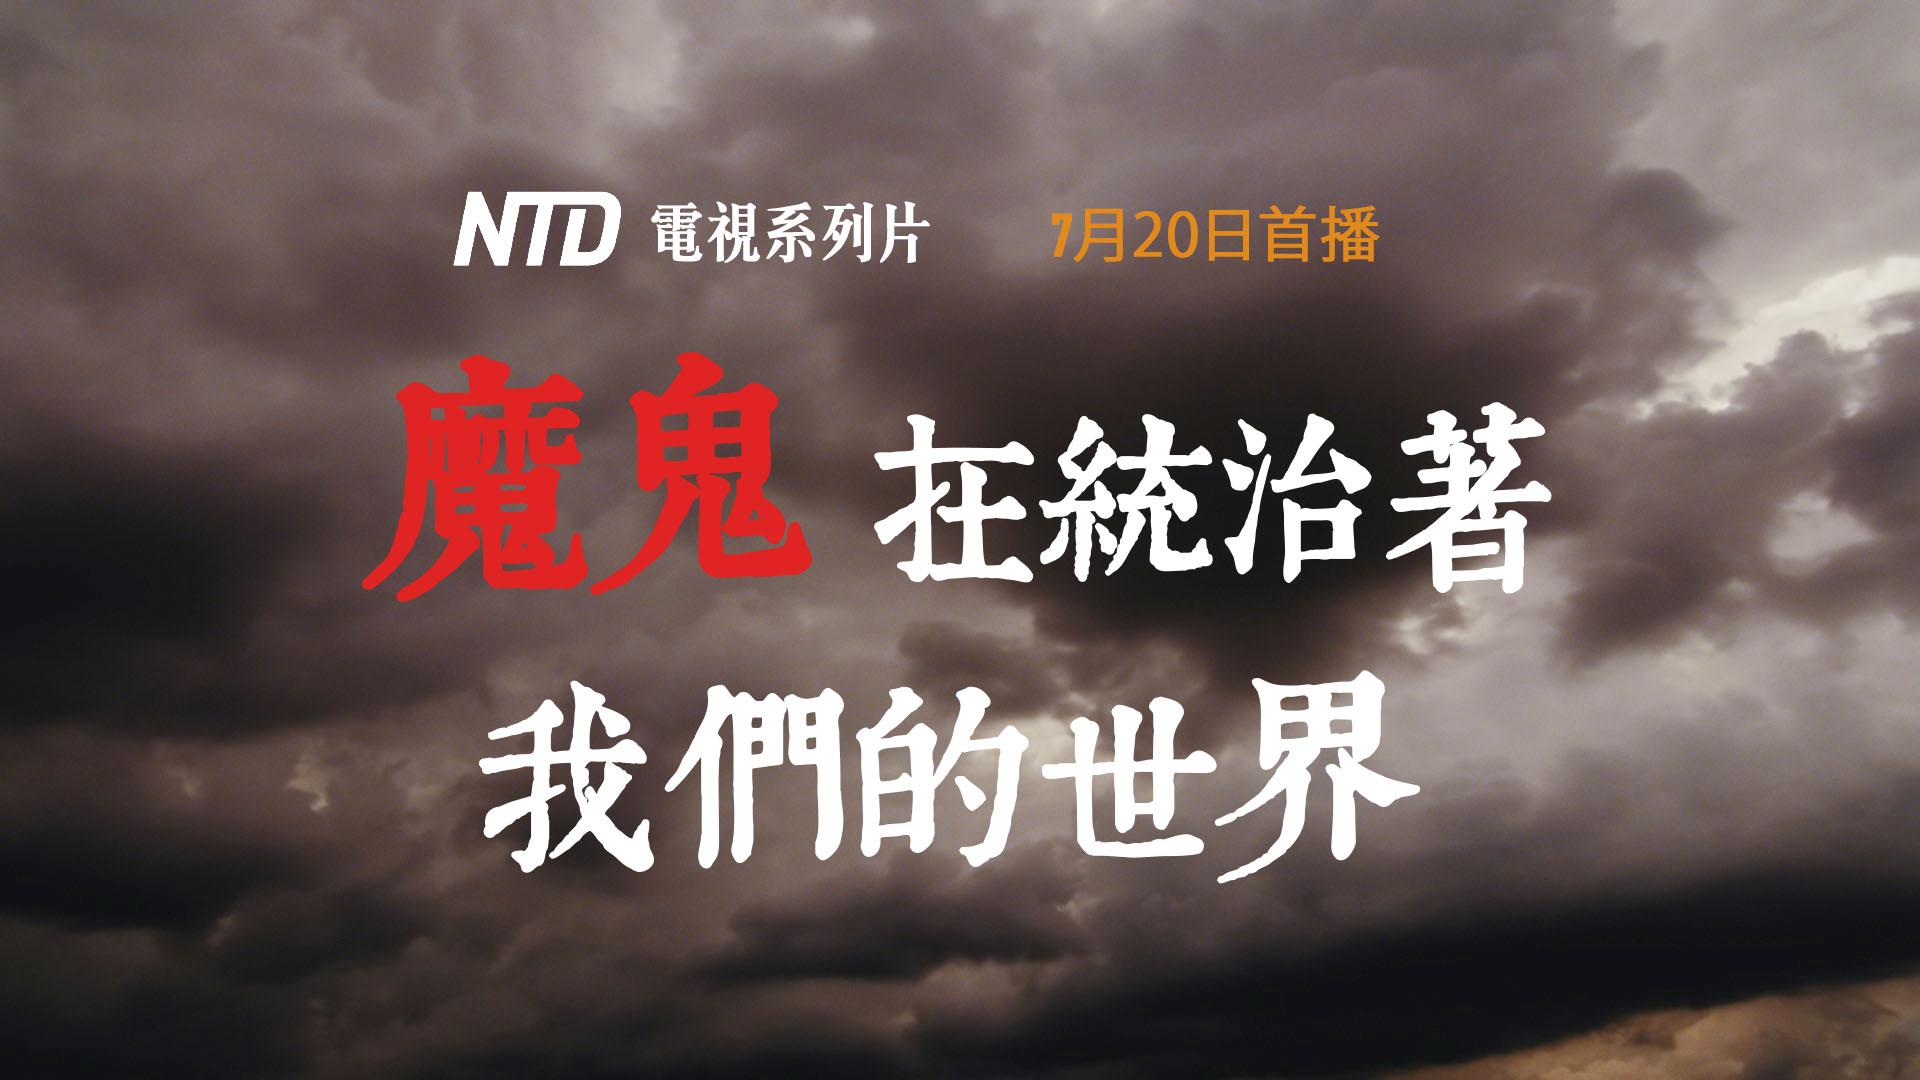 新唐人專題系列片《魔鬼在統治著我們的世界》將於7月20日播出,敬請收看。(新唐人)